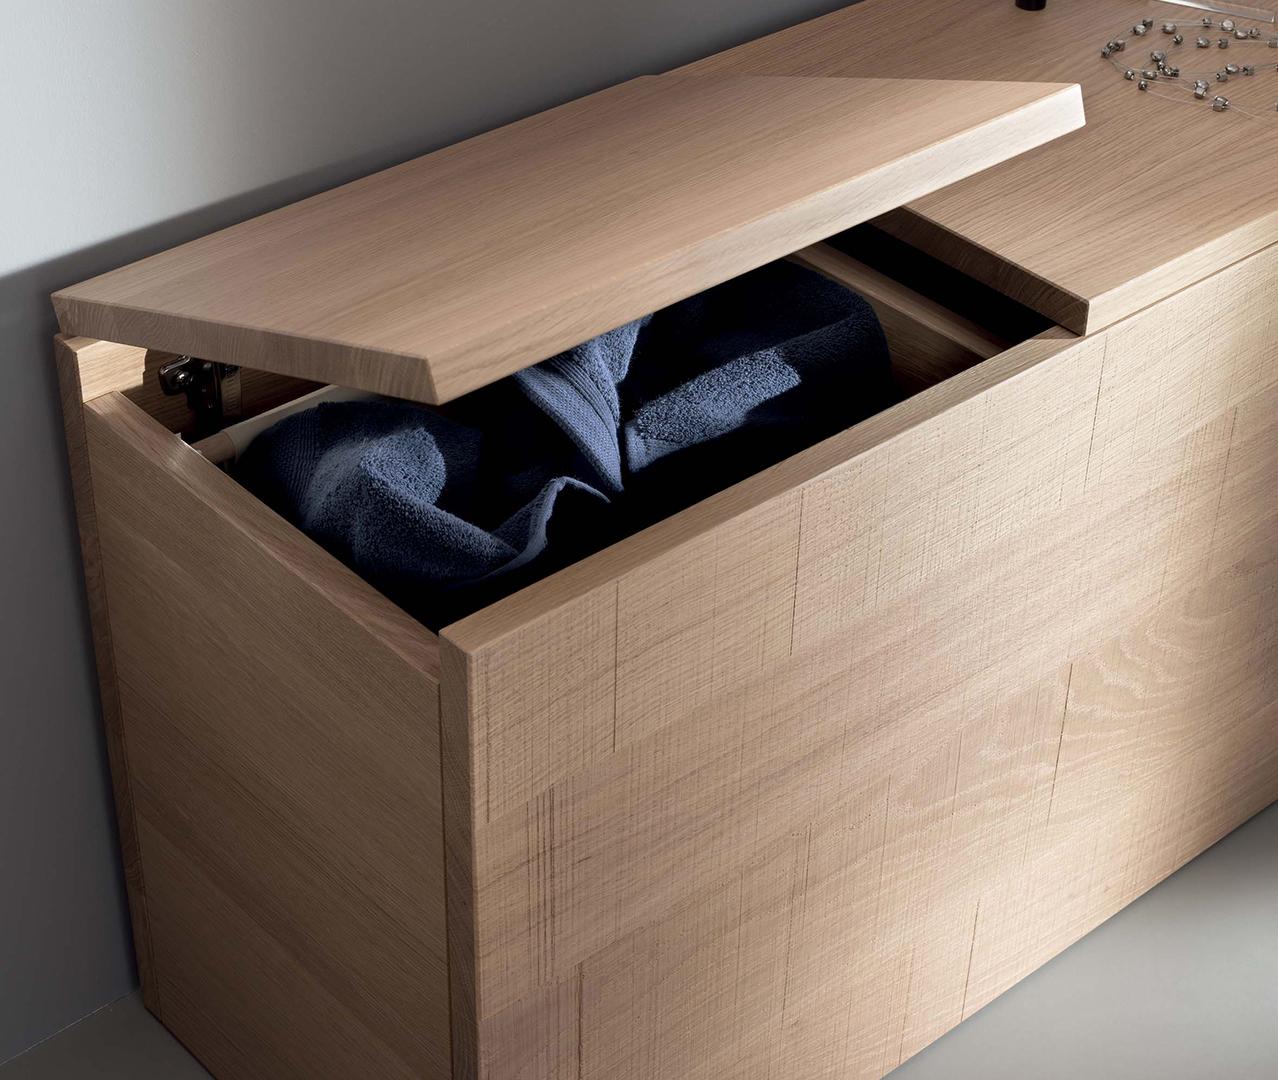 Gamme essentiel meubles salle de bain zen sanijura - Meuble salle de bain sanijura ...